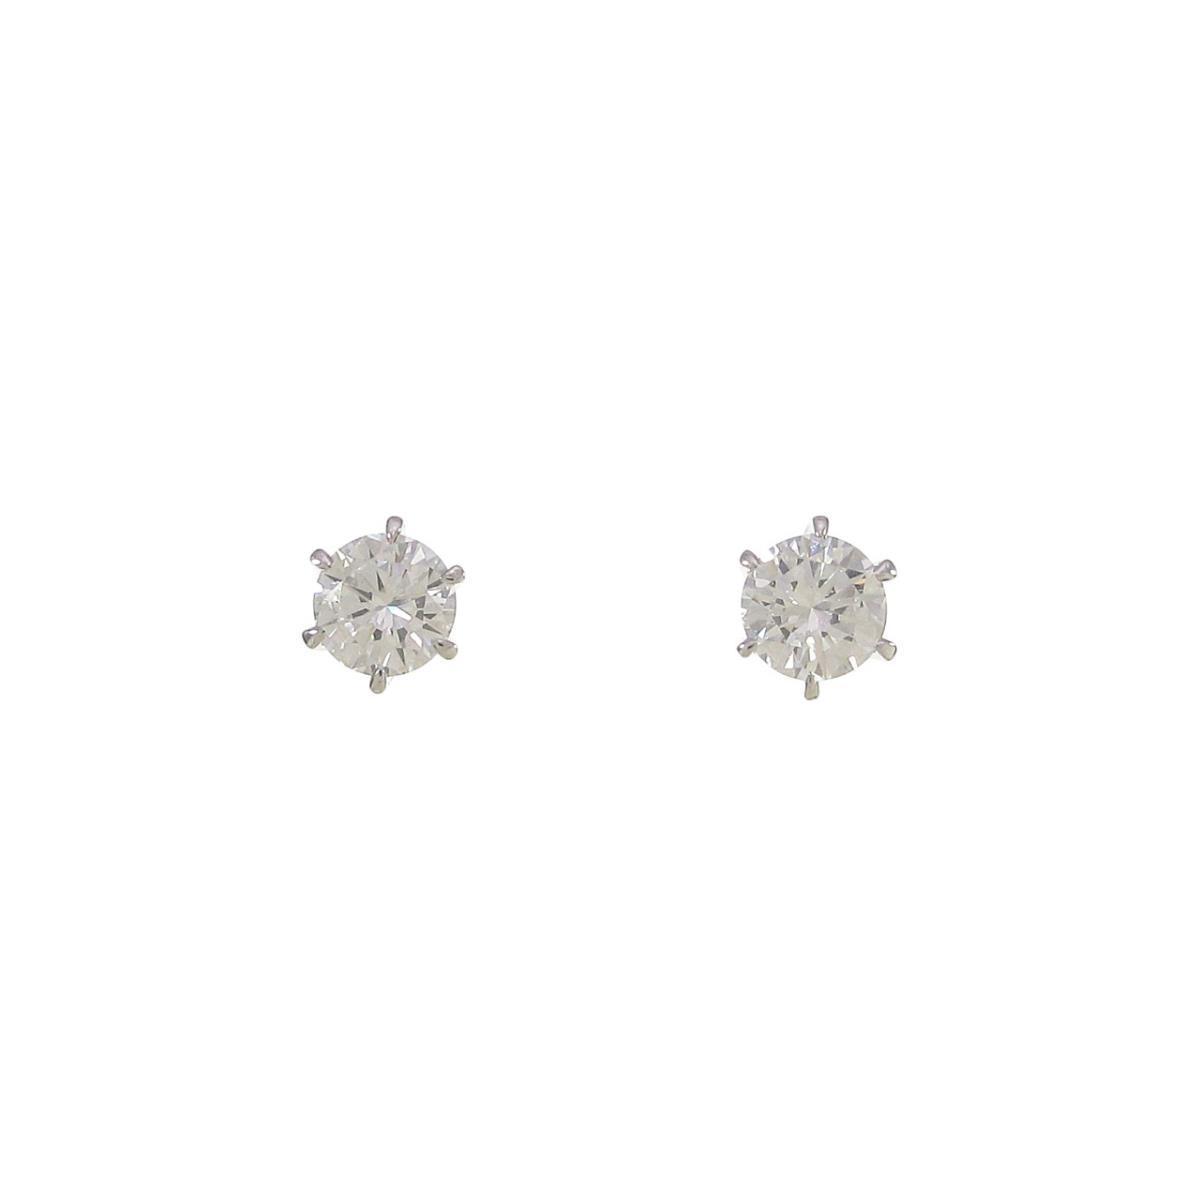 【リメイク】ST/プラチナダイヤモンドピアス 0.214ct・0.238ct・E・VS1-2・VG【中古】